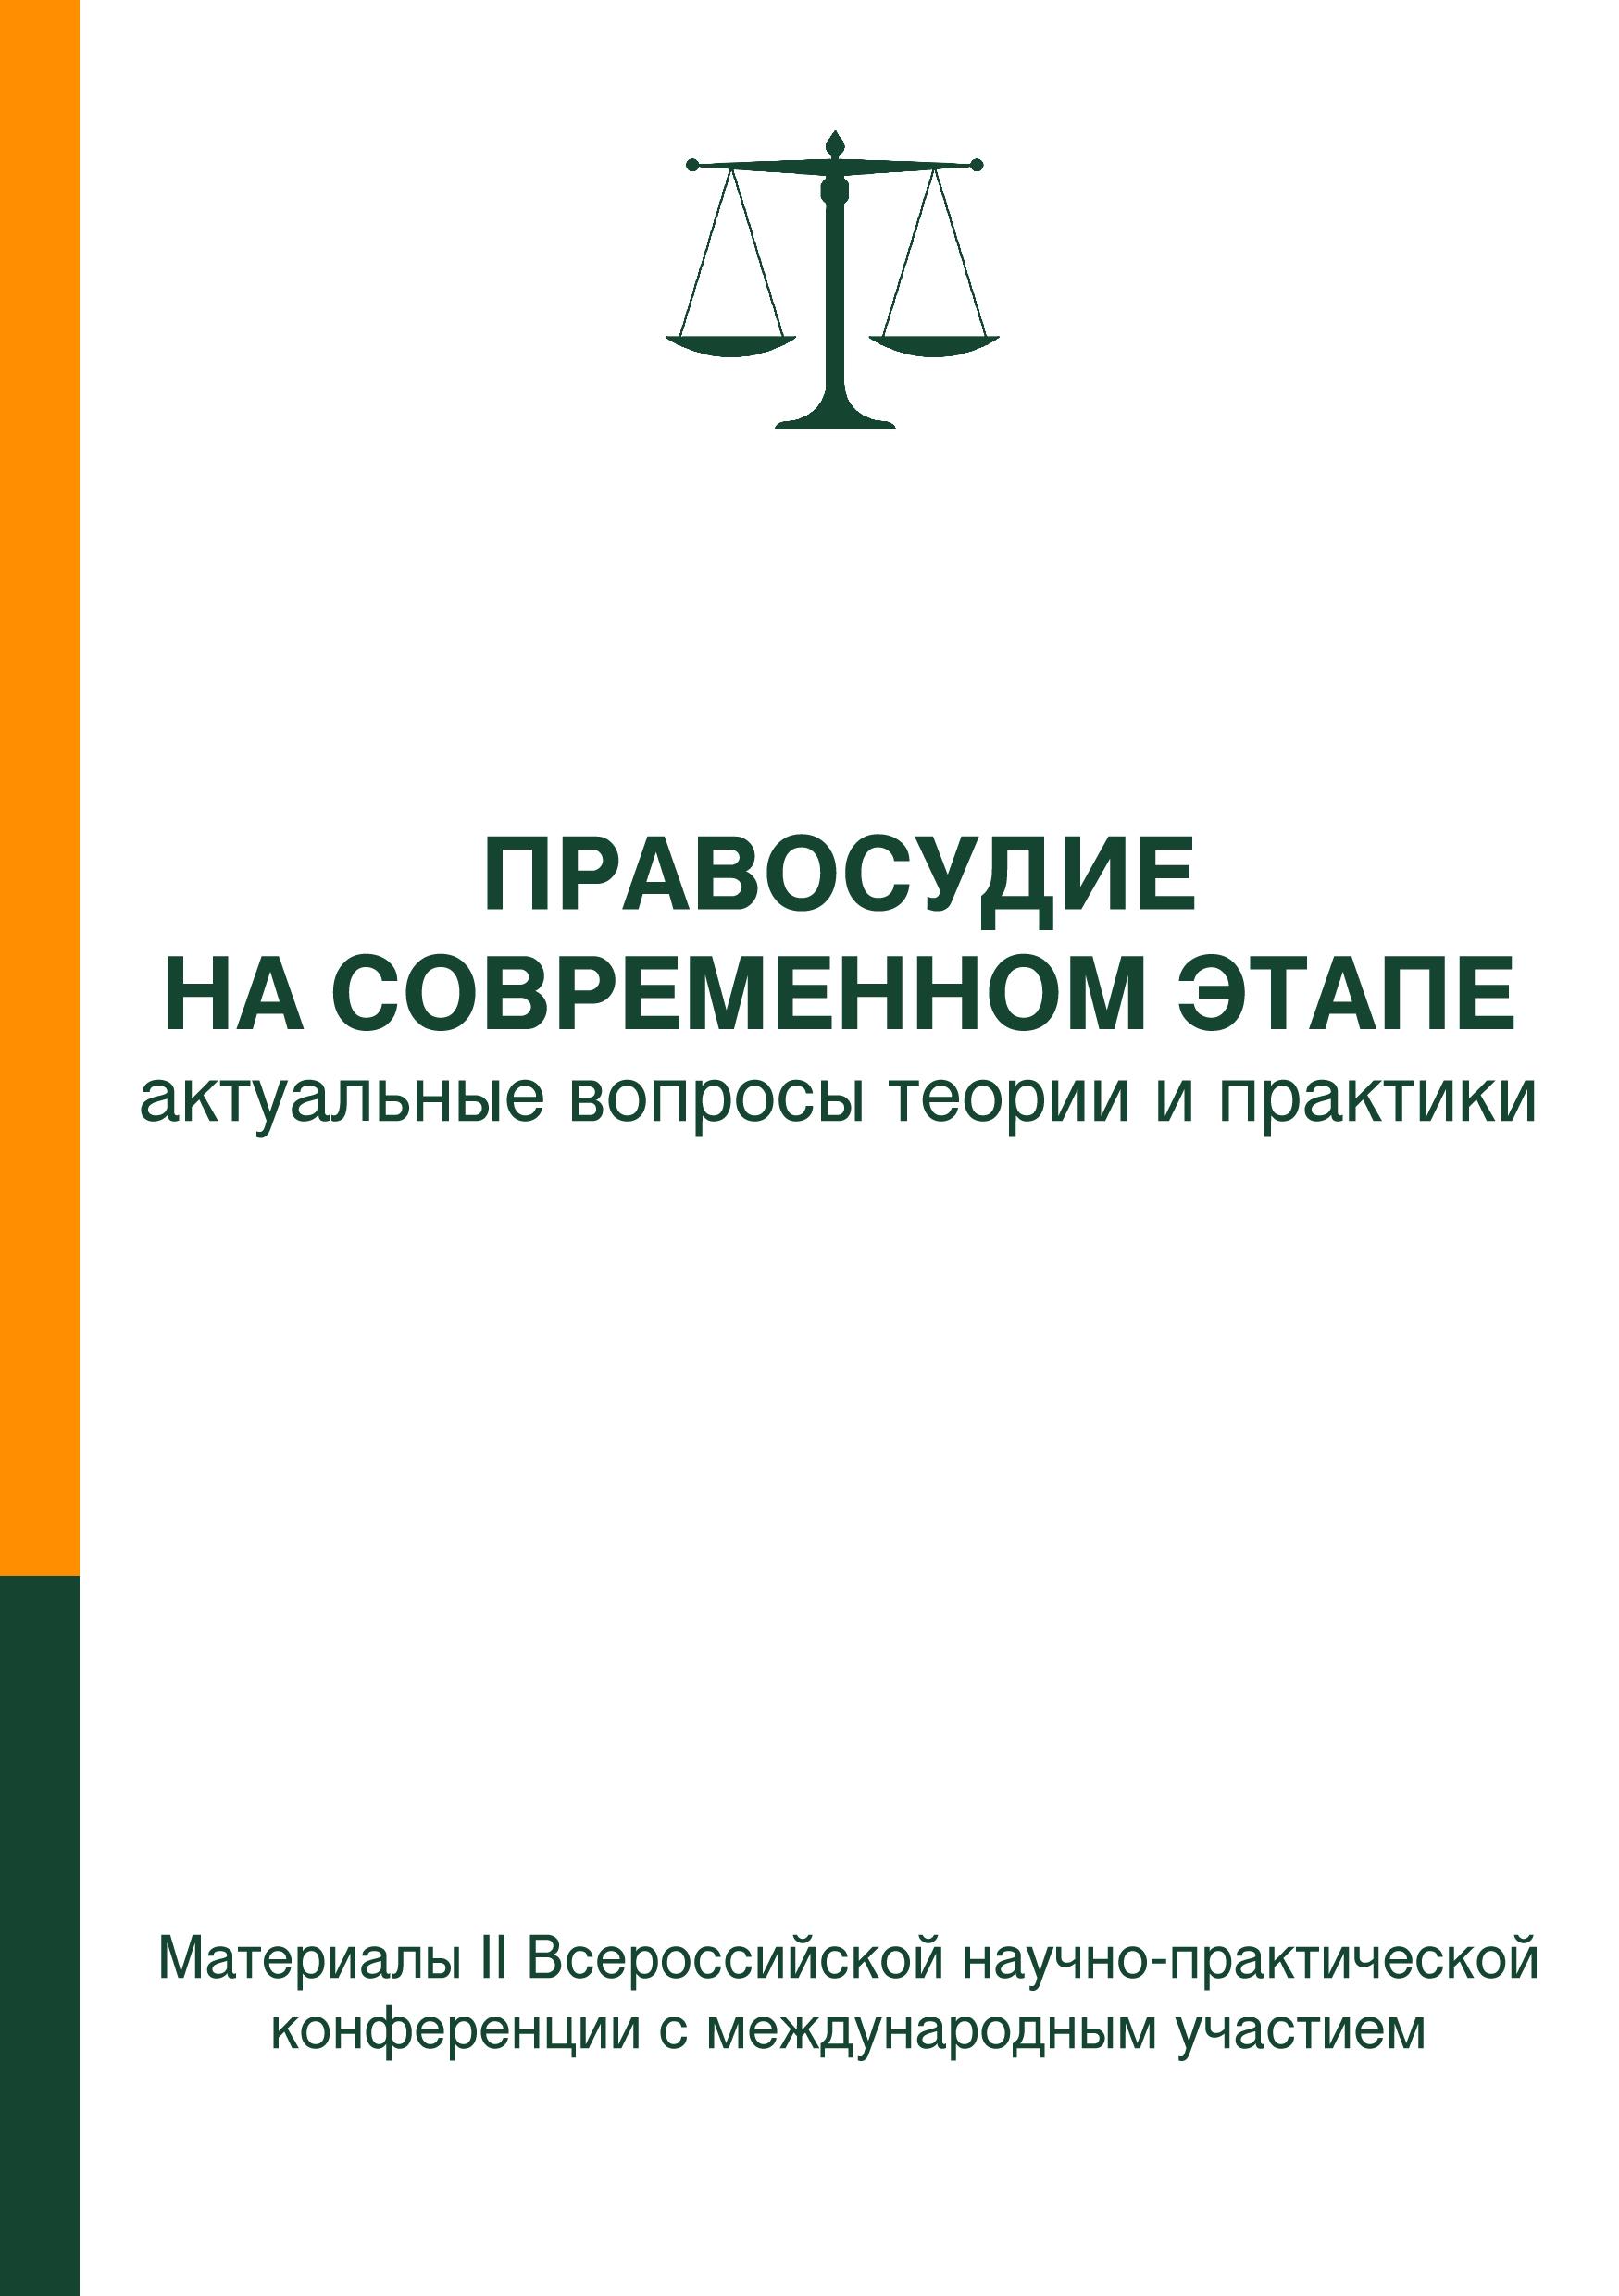 Сборник статей Правосудие на современном этапе: актуальные вопросы теории и практики